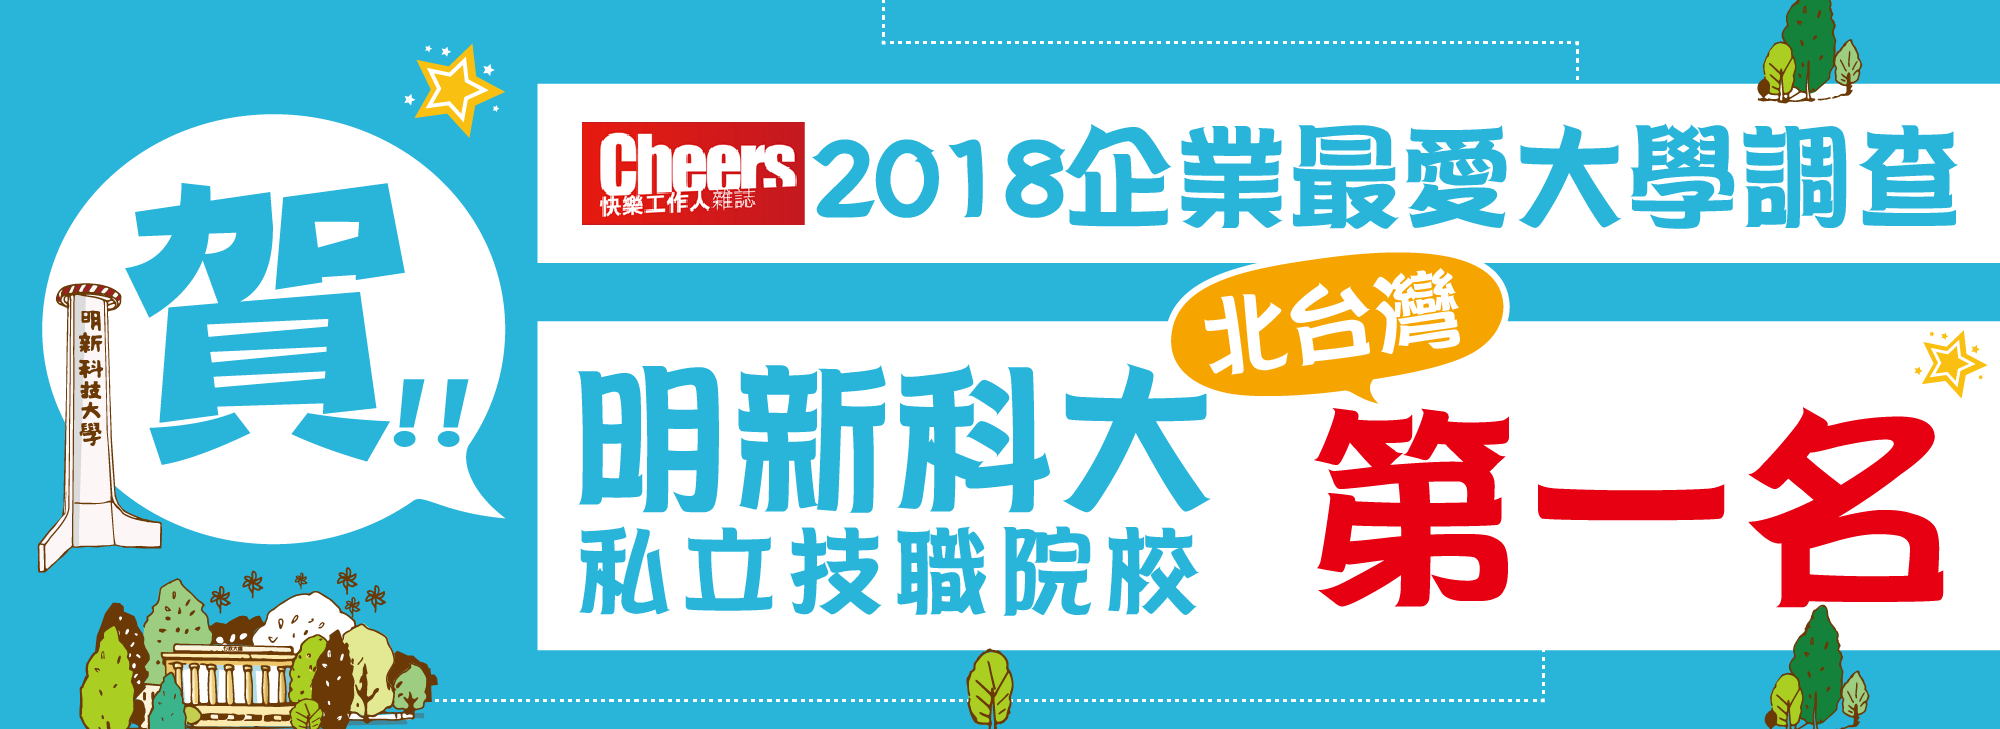 Cheers2018企業最愛大學調查北台灣第一名